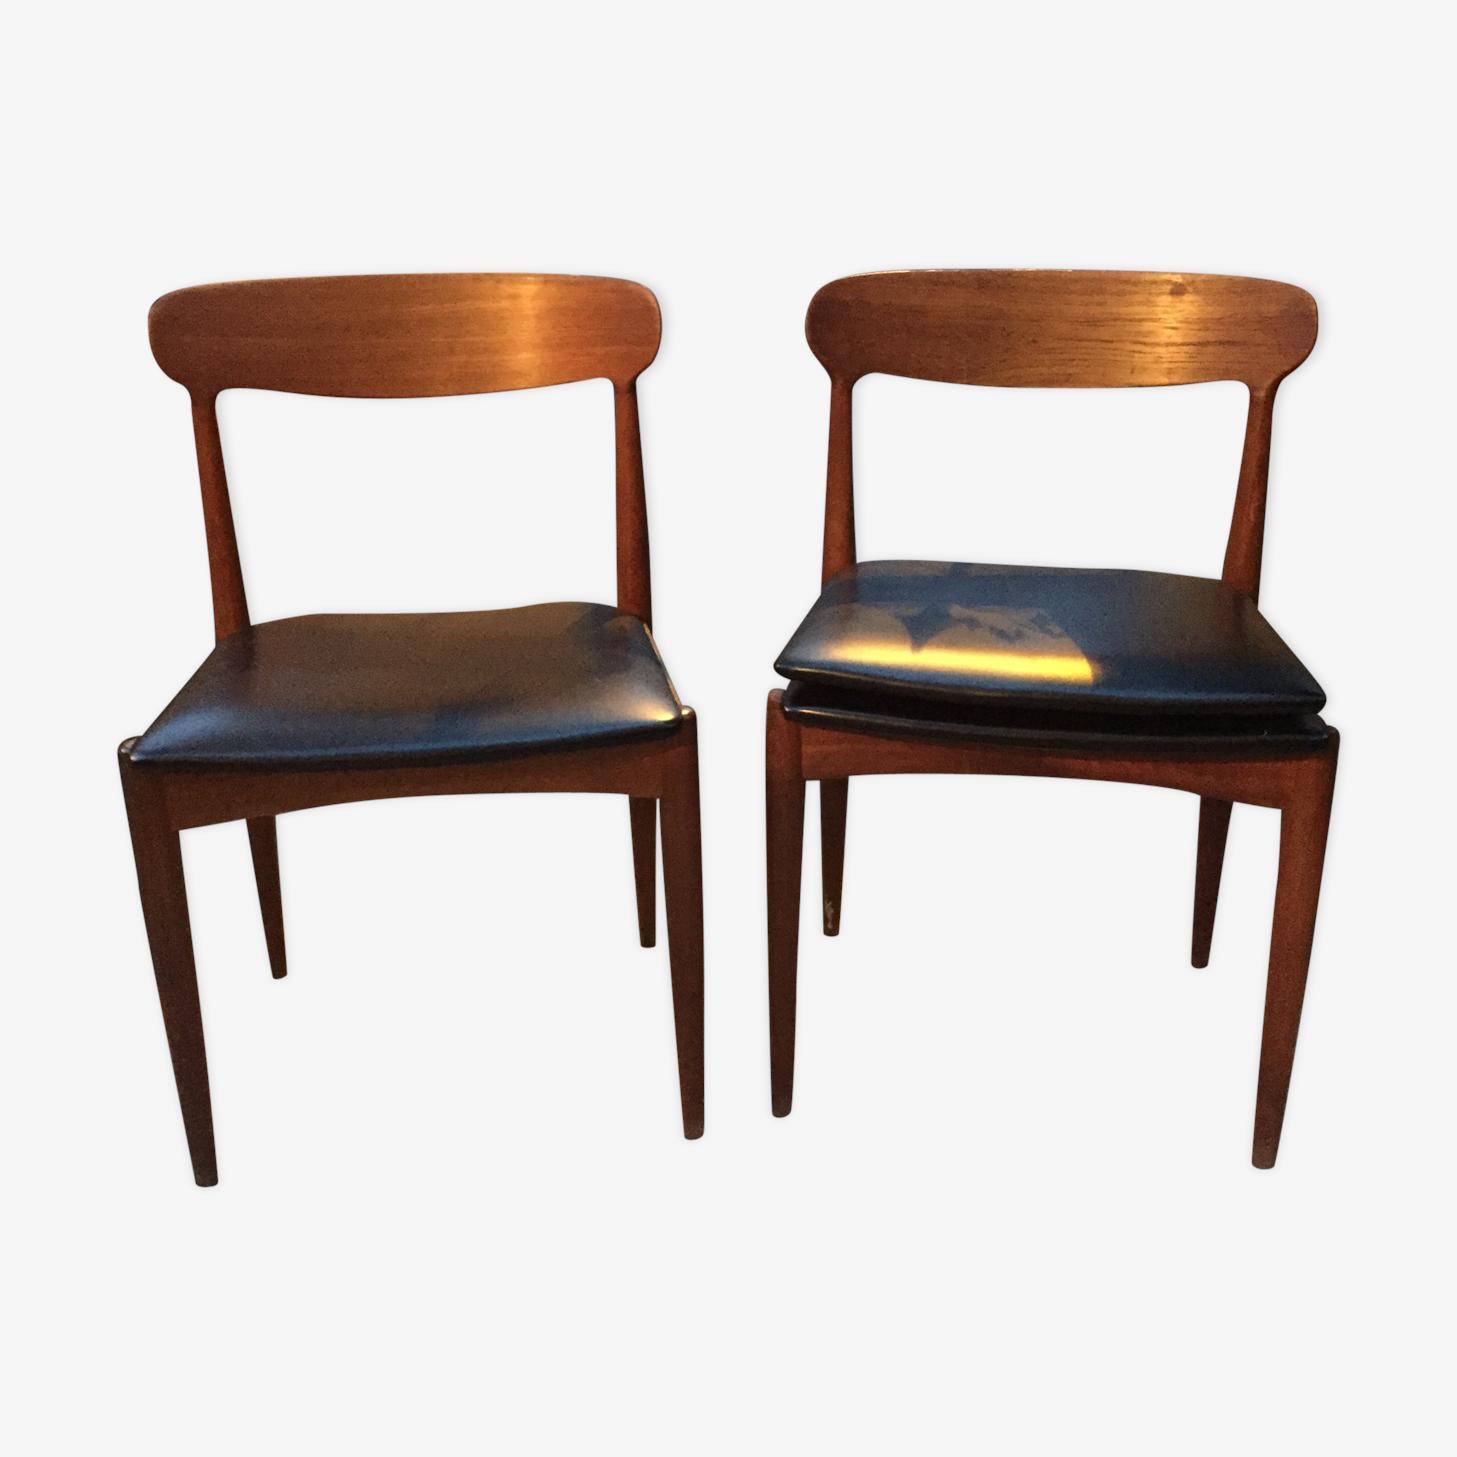 Suite de deux chaises scandinaves